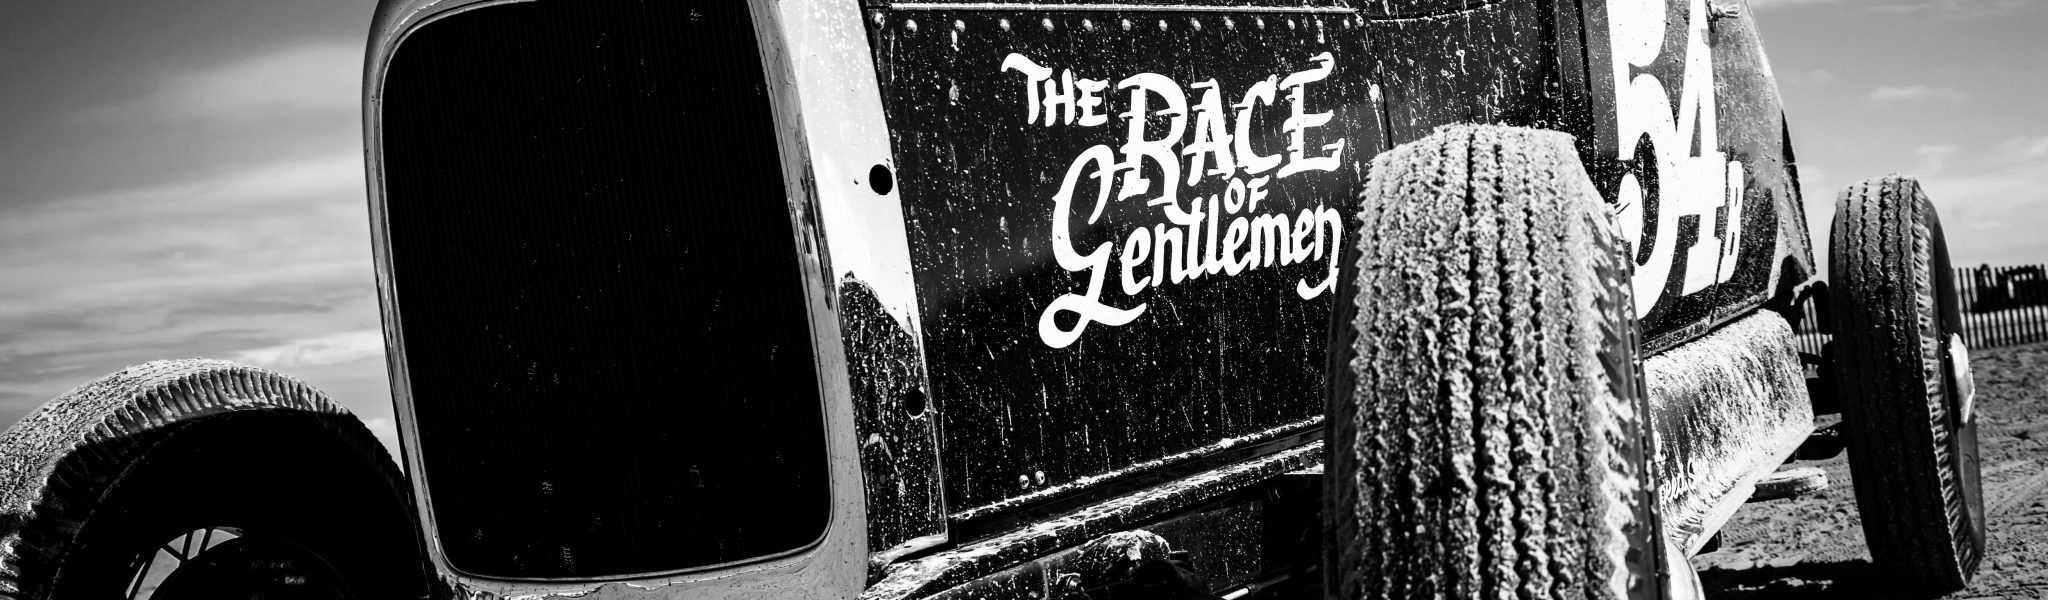 The Race of Gentlemen – 2014